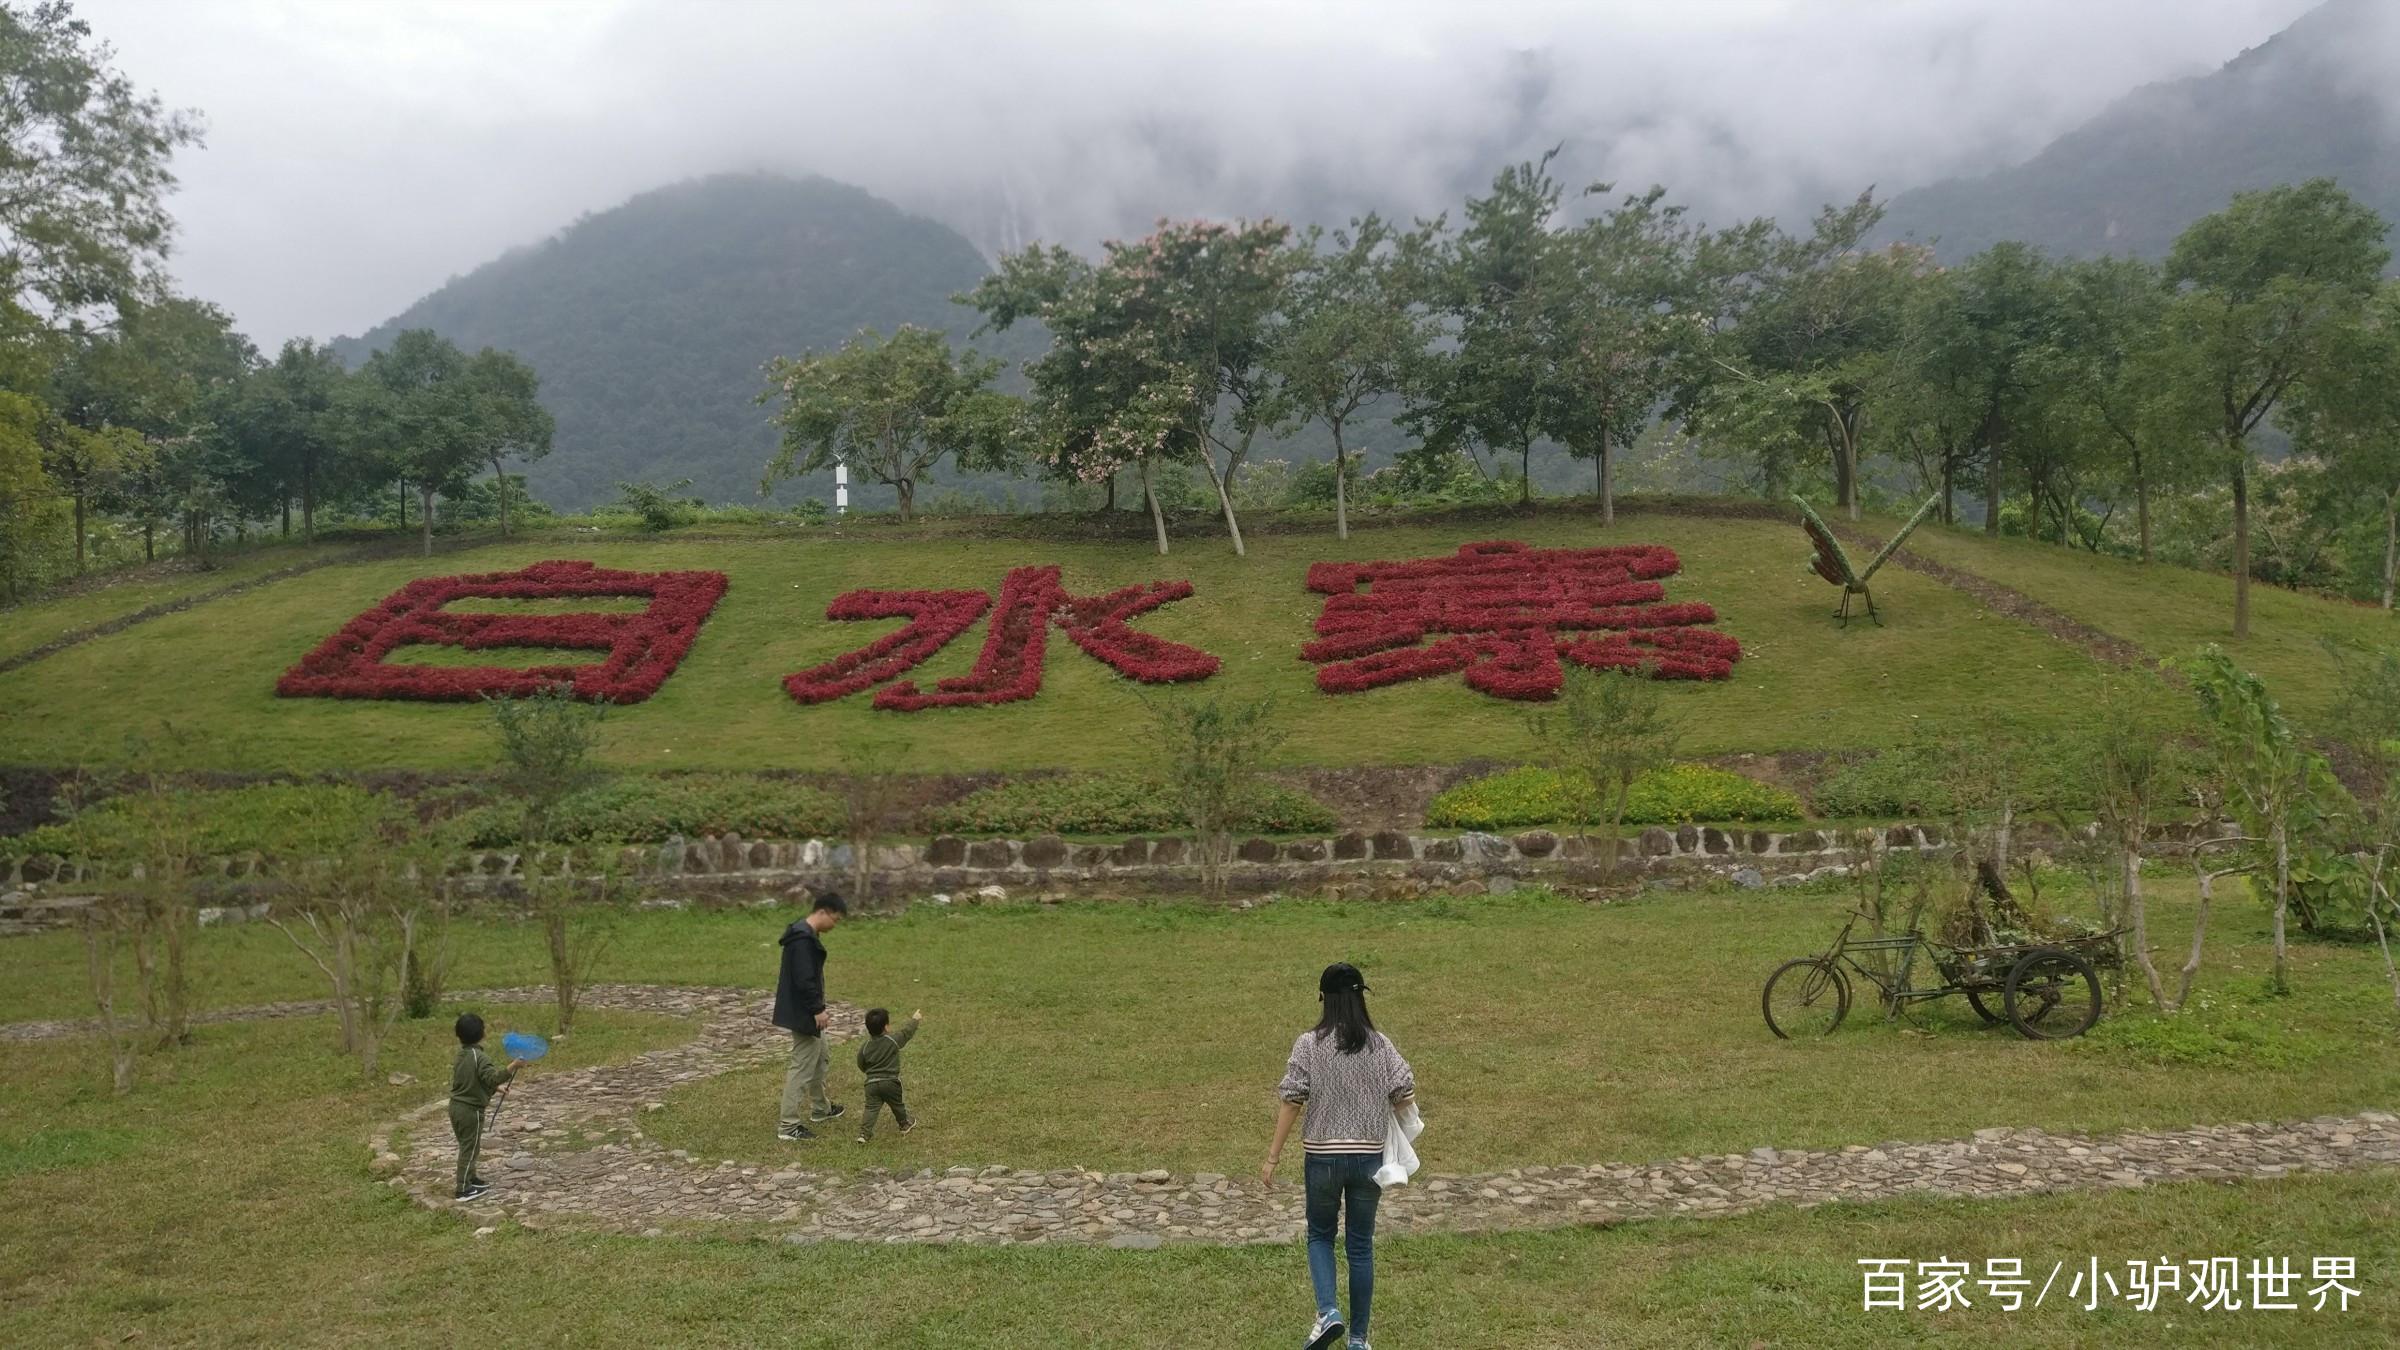 广州增城区白水寨风景区,天南第一梯9999登天梯(手机